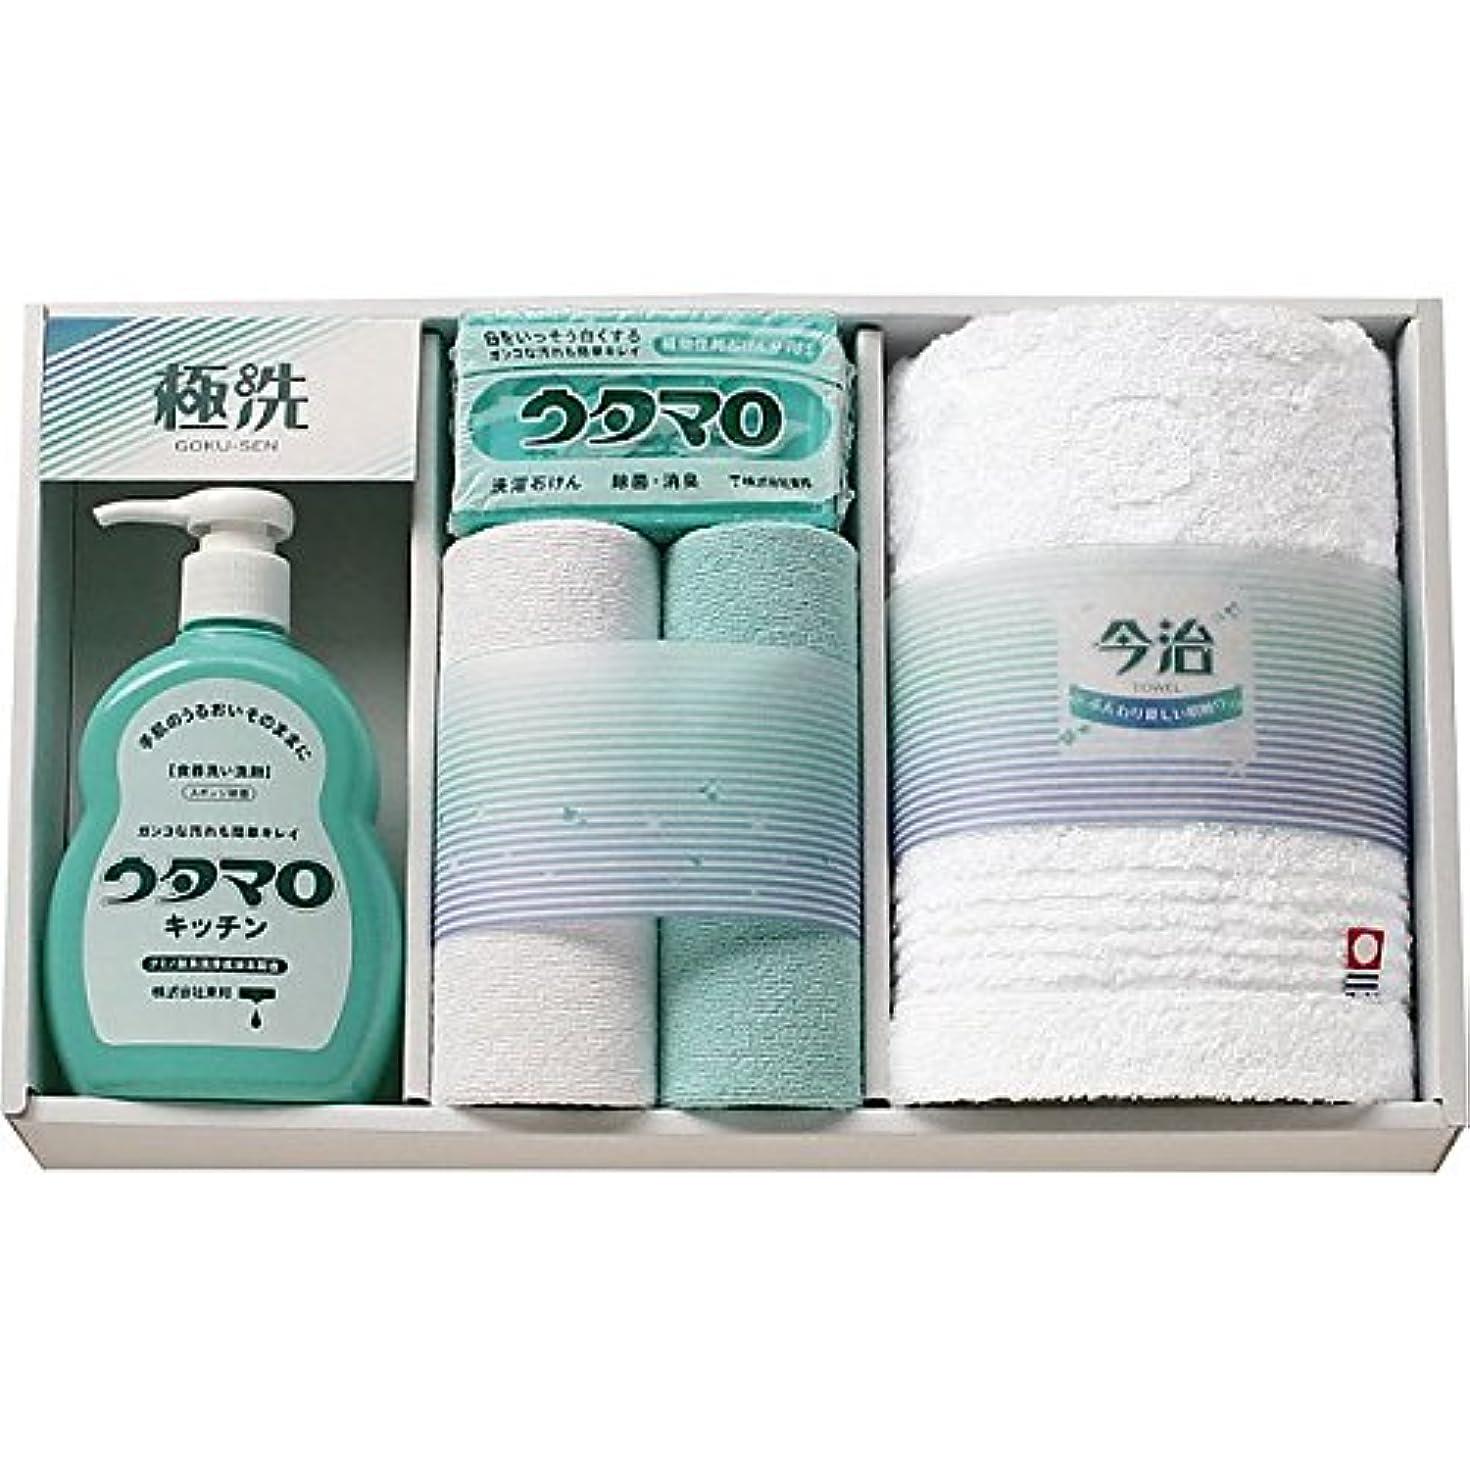 解き明かす判決覚えている( ウタマロ ) 石鹸?キッチン洗剤ギフト ( 835-1055r )